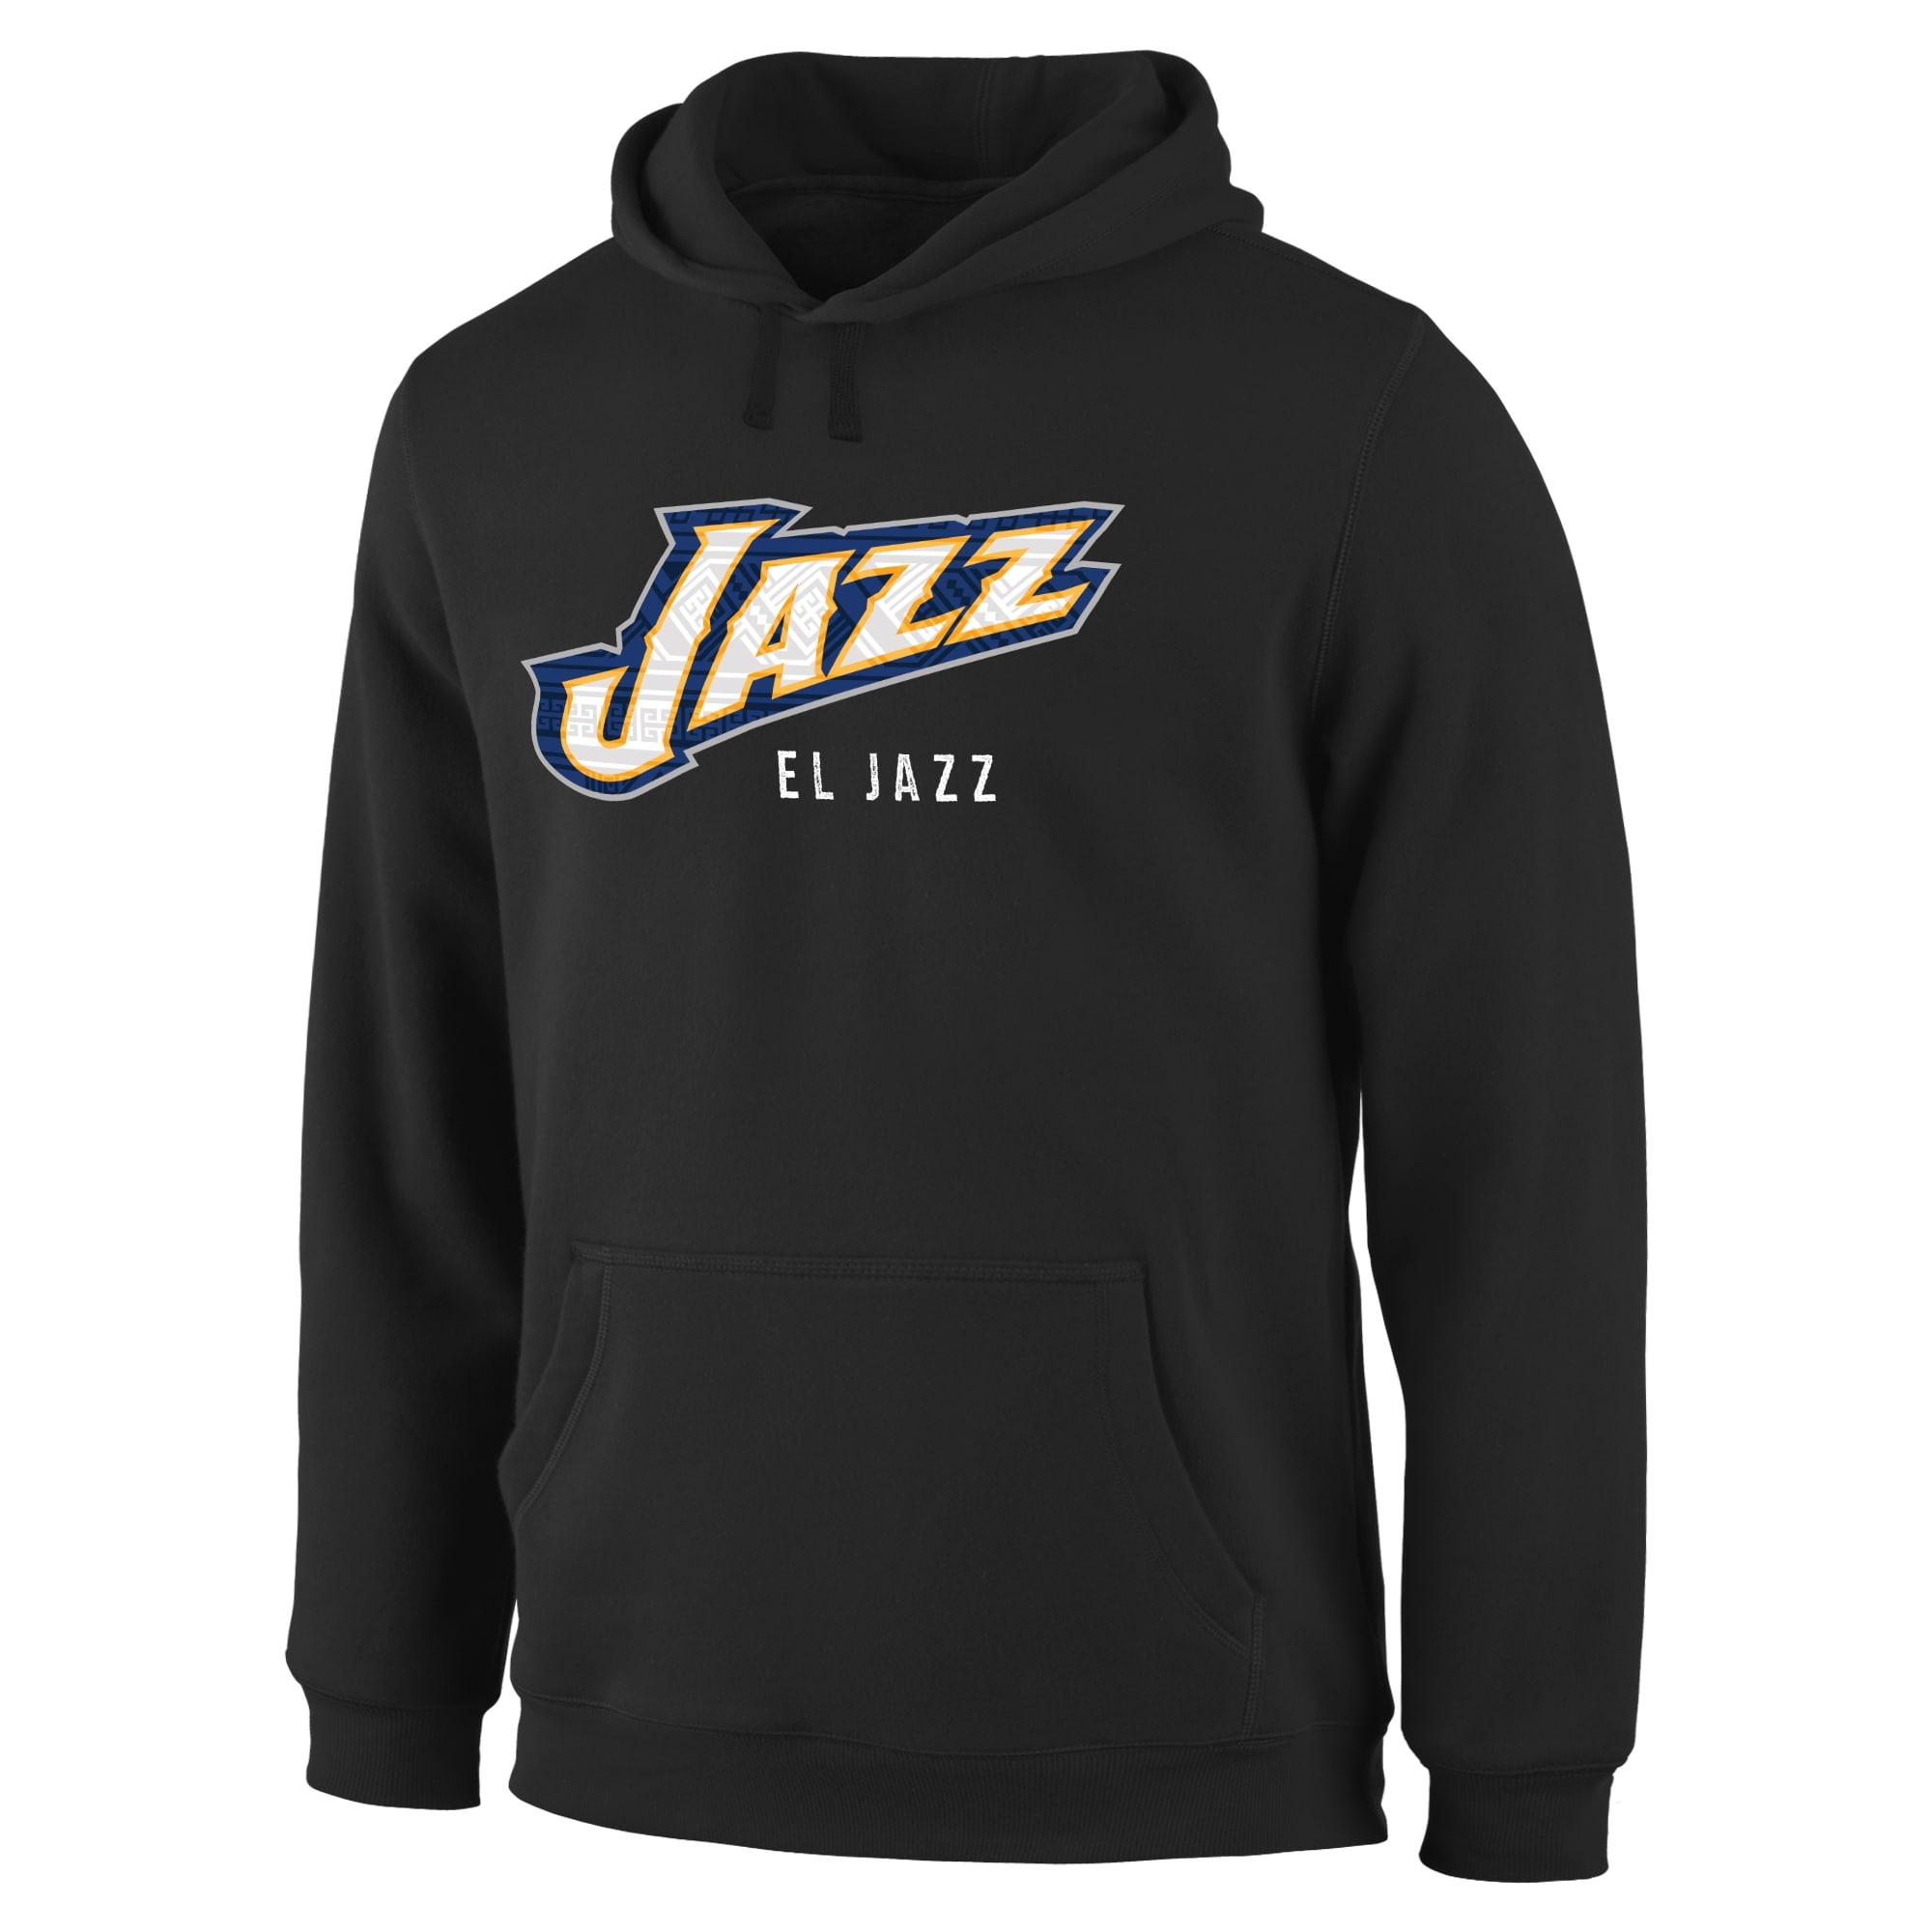 Utah Jazz Noches Enebea Pullover Hoodie - Black